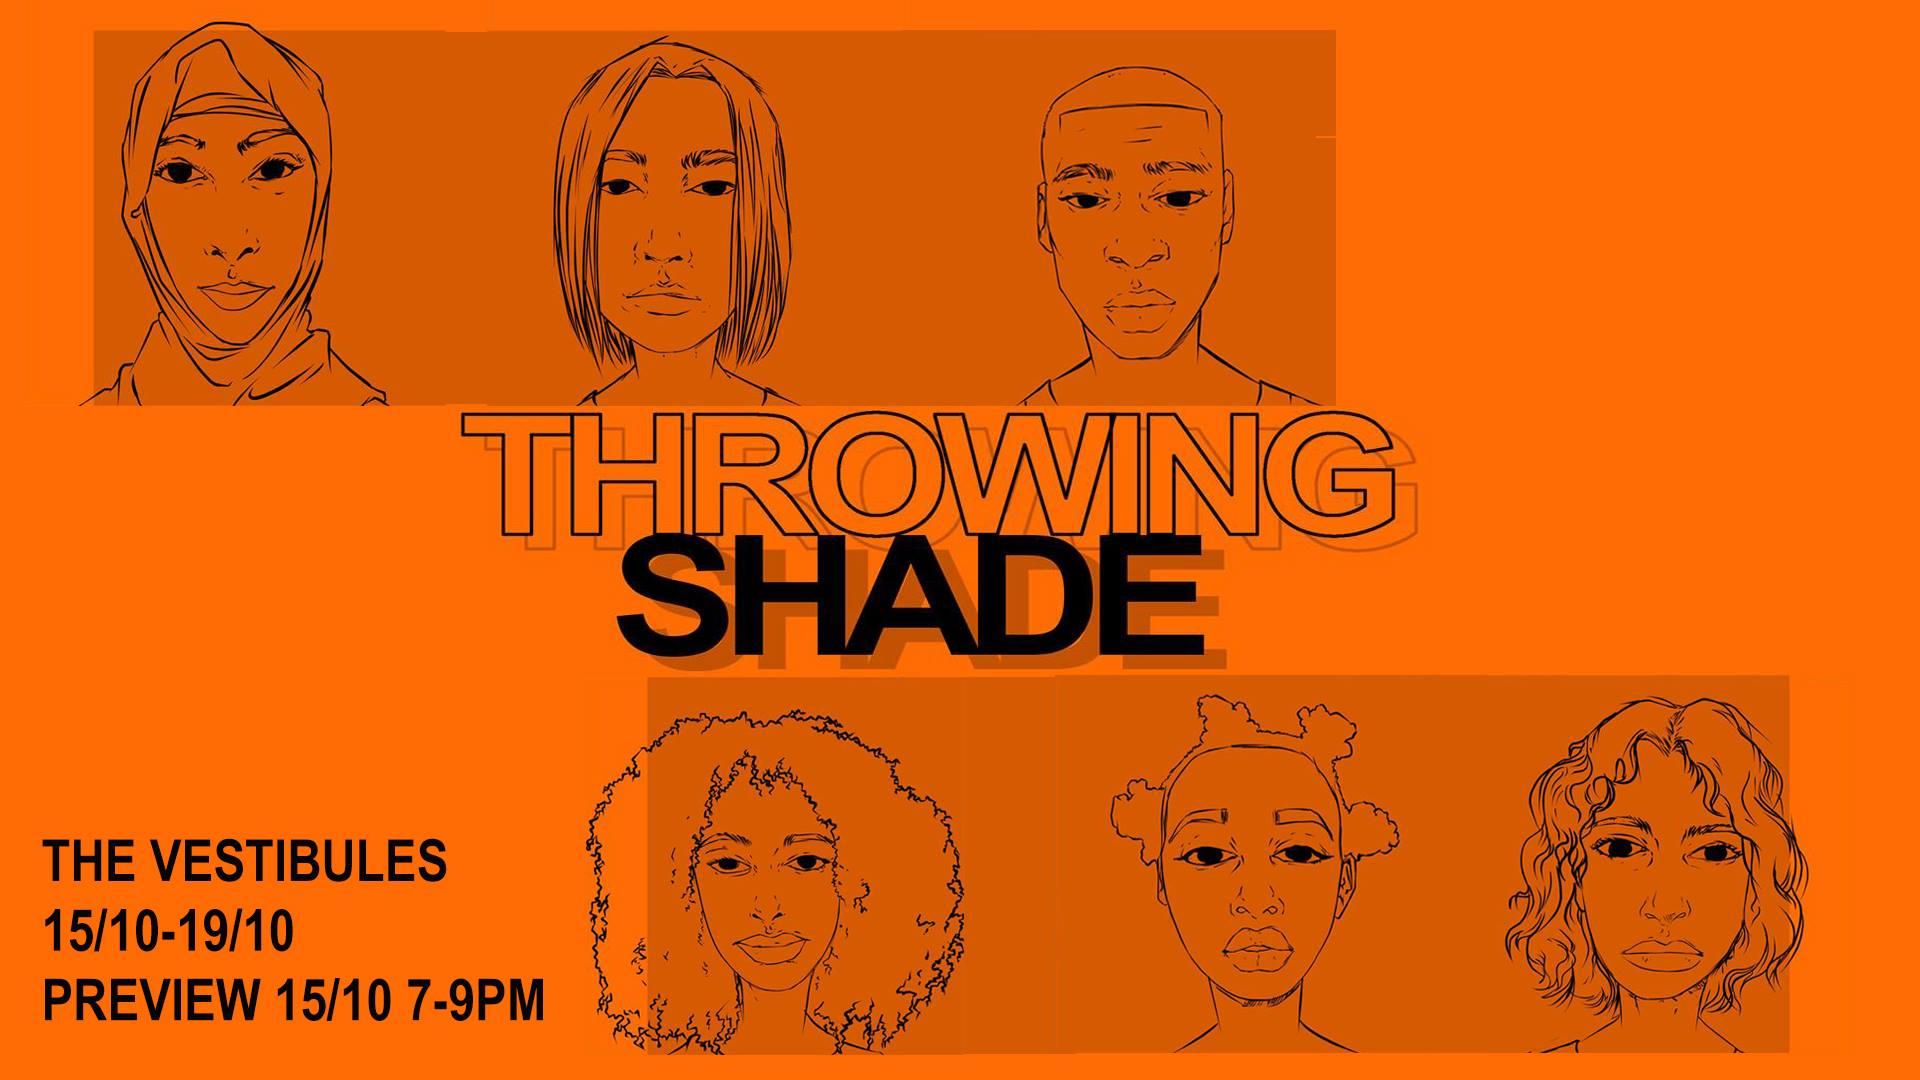 THROWING SHADE // RISING ARTS